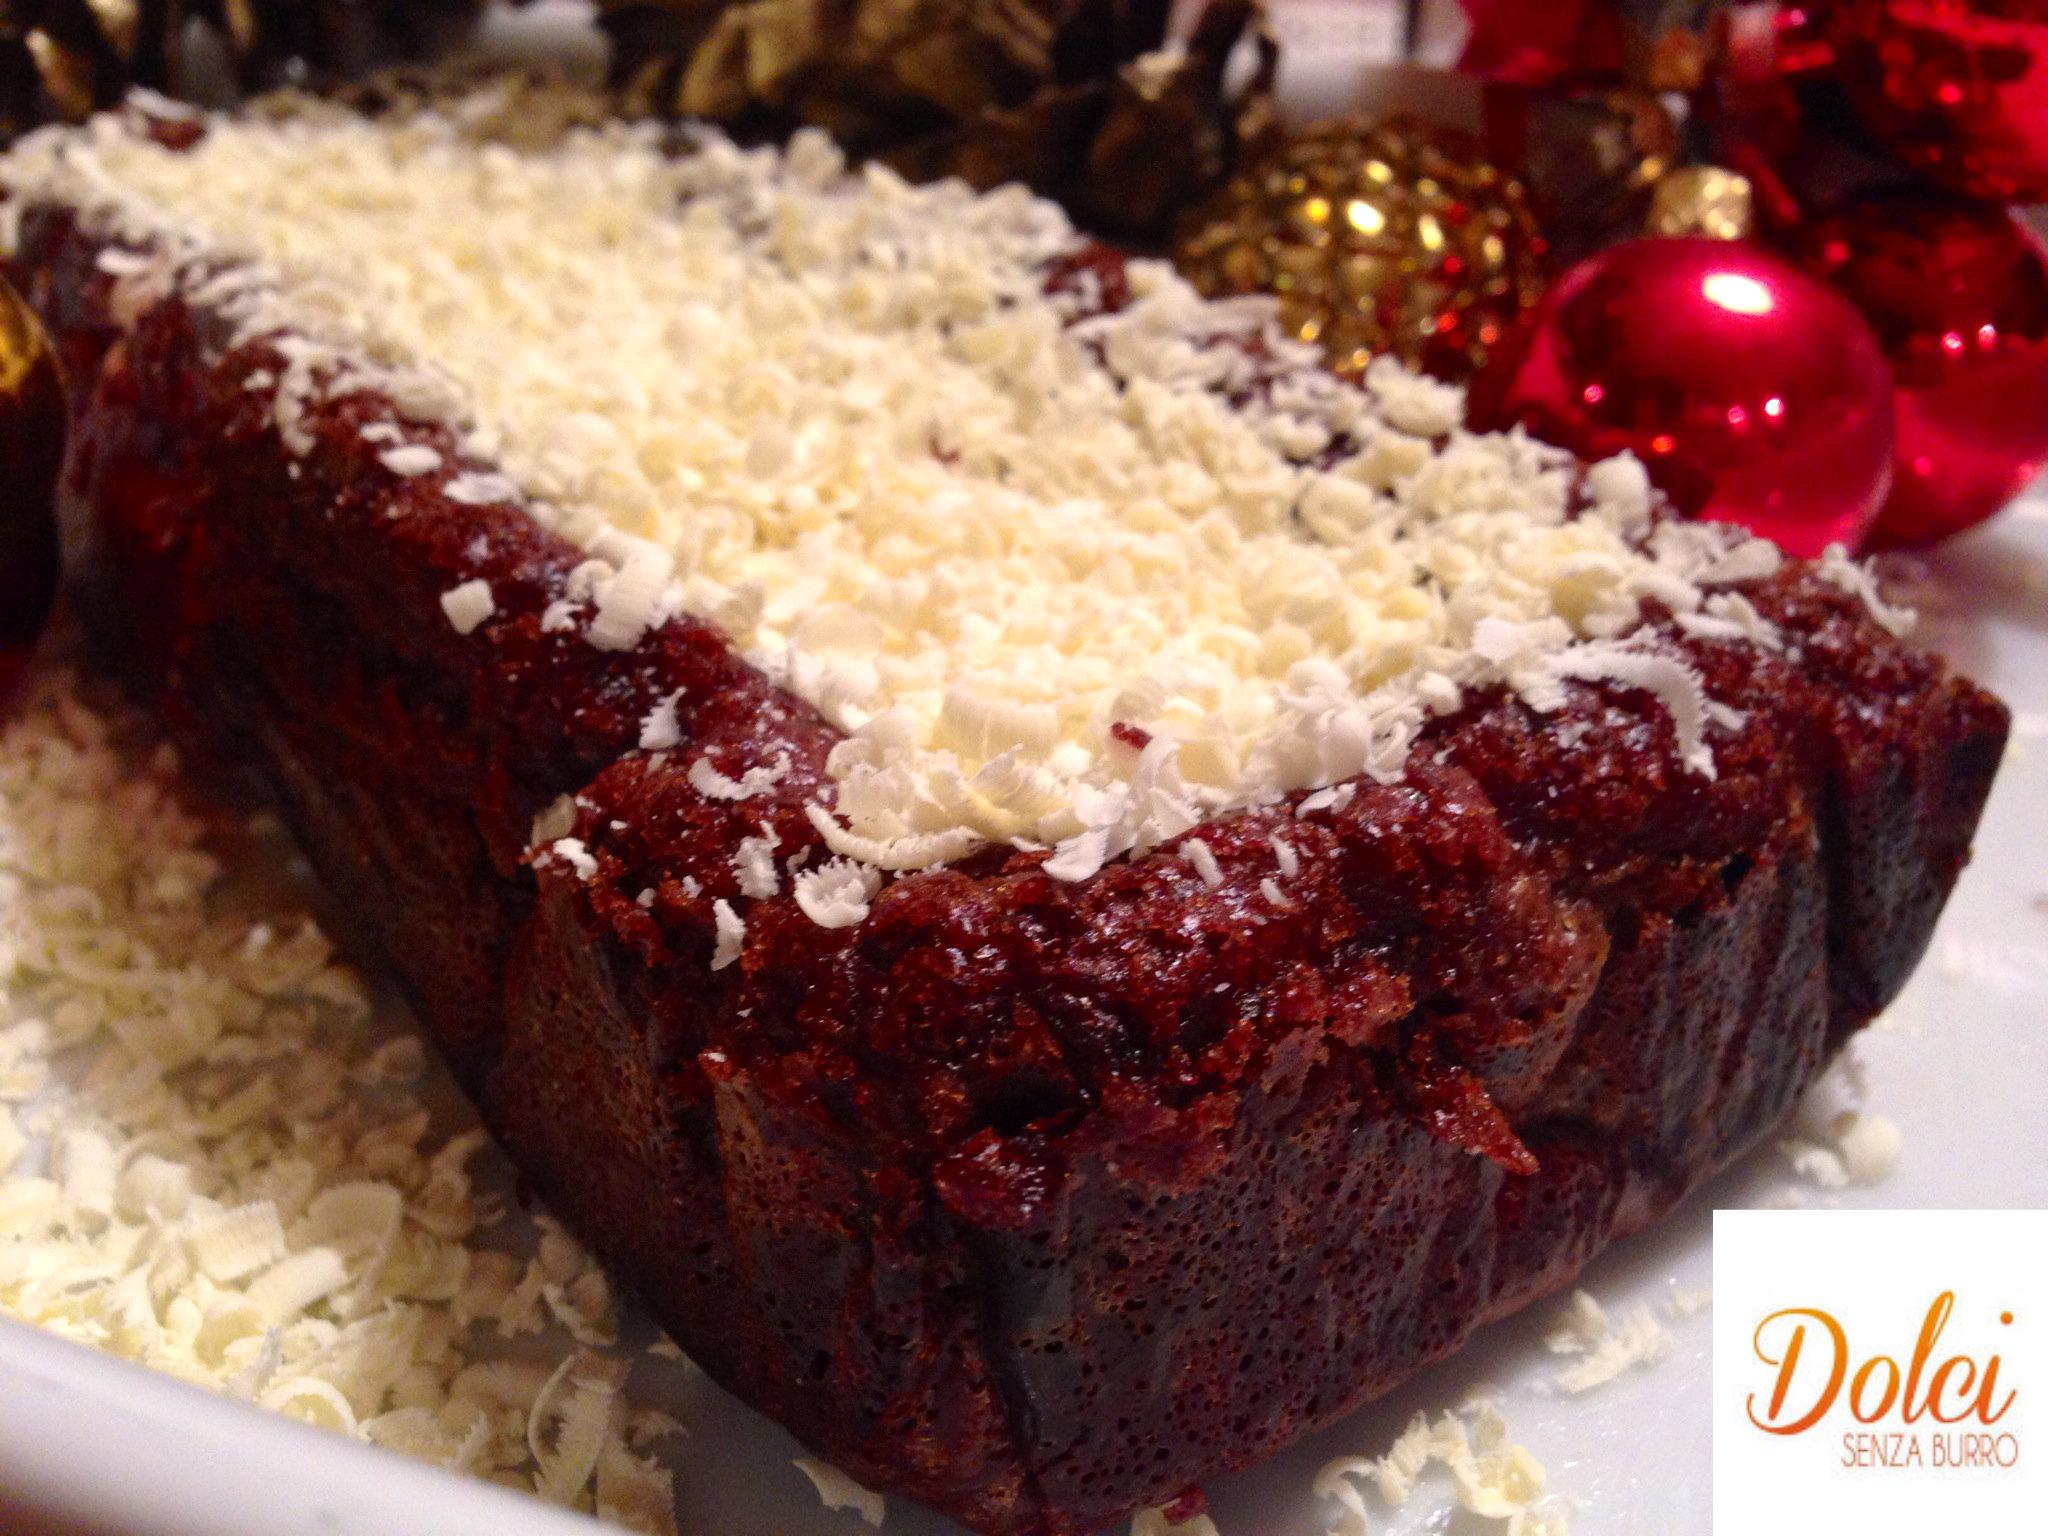 Torta Senza Burro al Doppio cioccolato è un goloso dolce al cioccolato di dolci senza burro